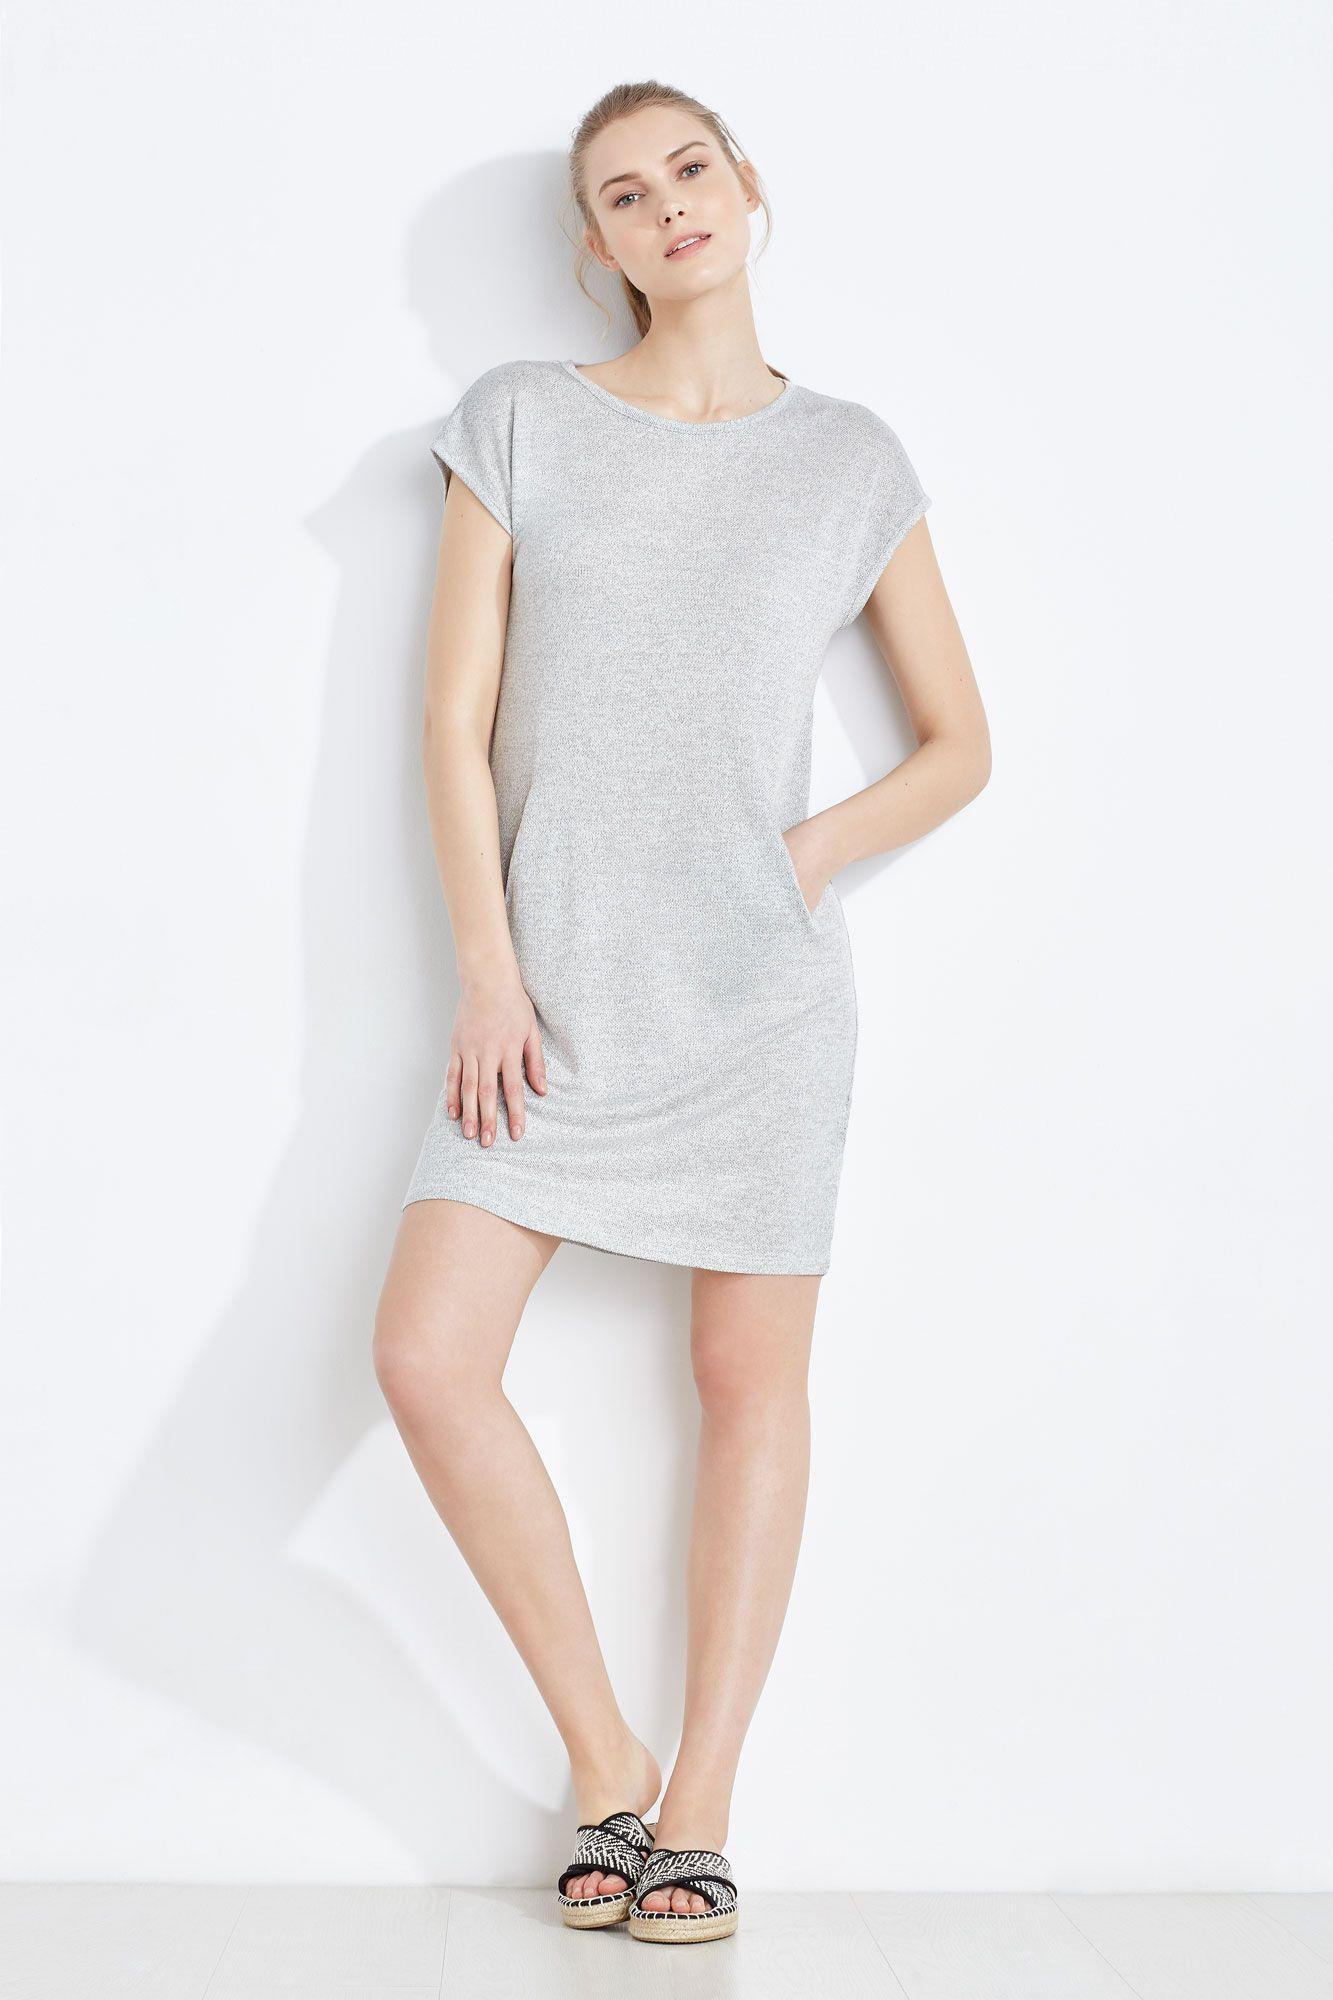 f0a6007f71 Vestido corto estilo camiseta larga de manga corta con textura tricot y  cuello redondo